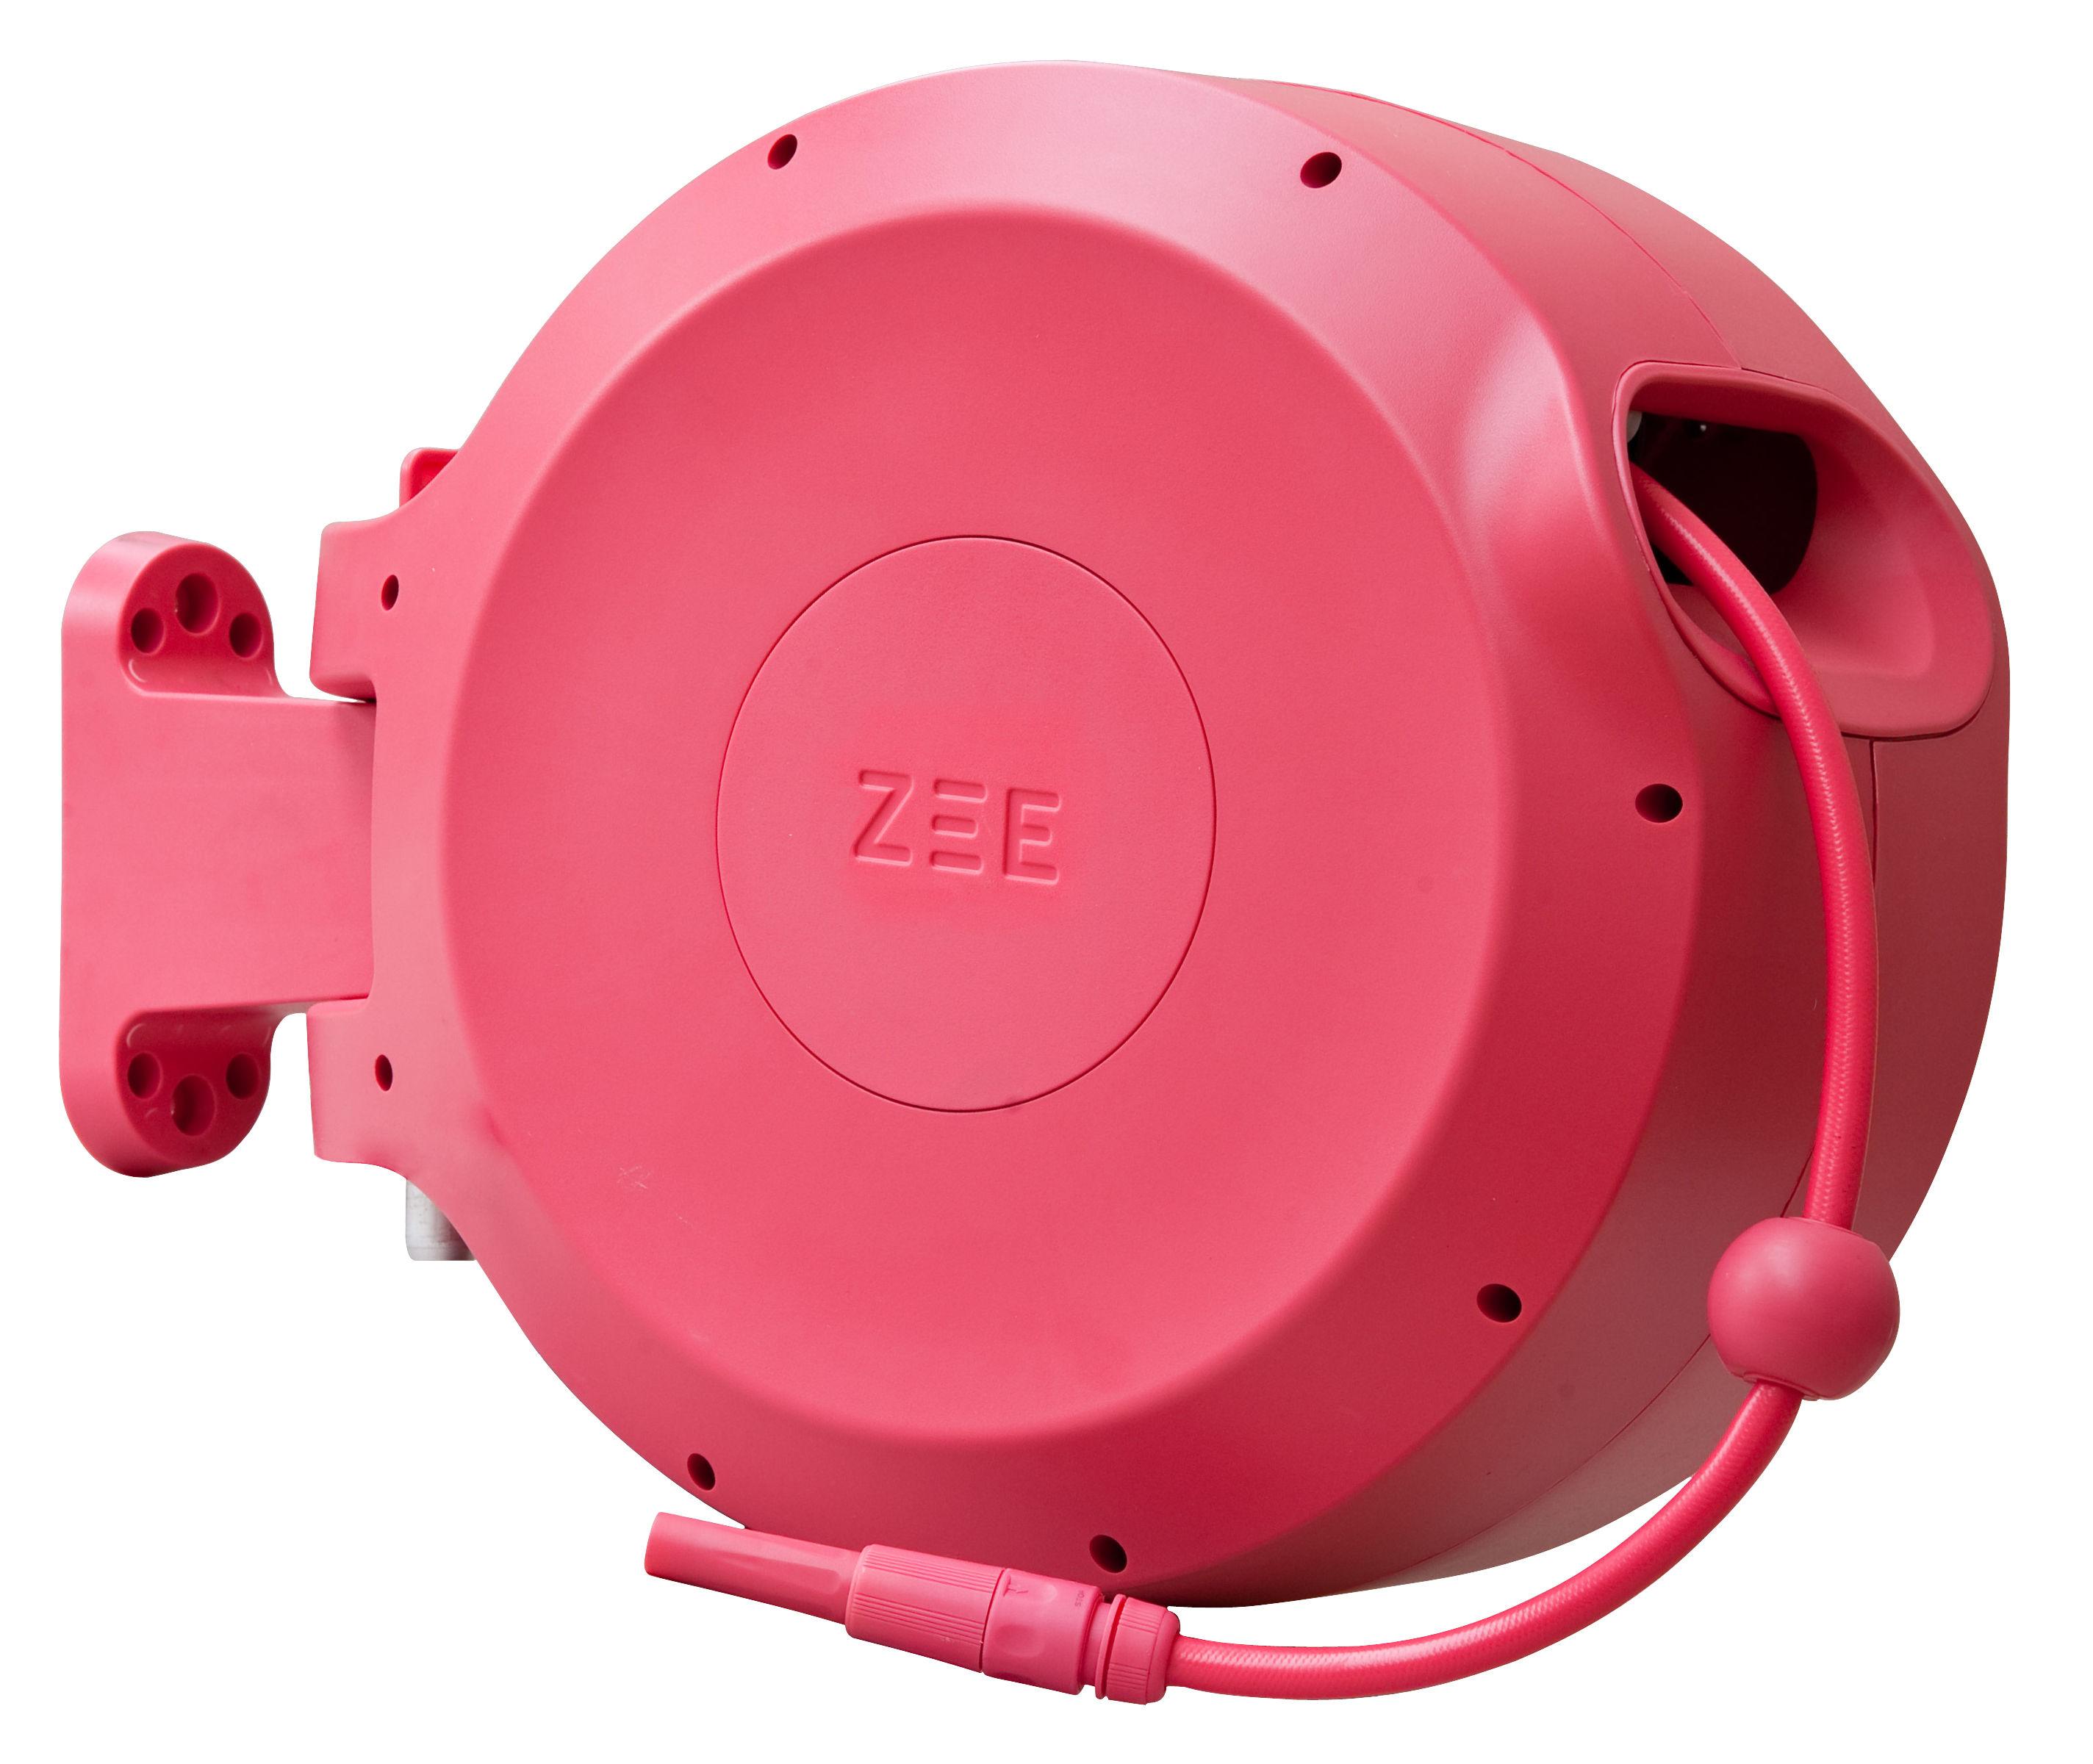 Outdoor - Pots et plantes - Tuyau d'arrosage Mirtoon 30m / Enrouleur automatique - Pistolet offert - Zee - Rose - ABS, PVC